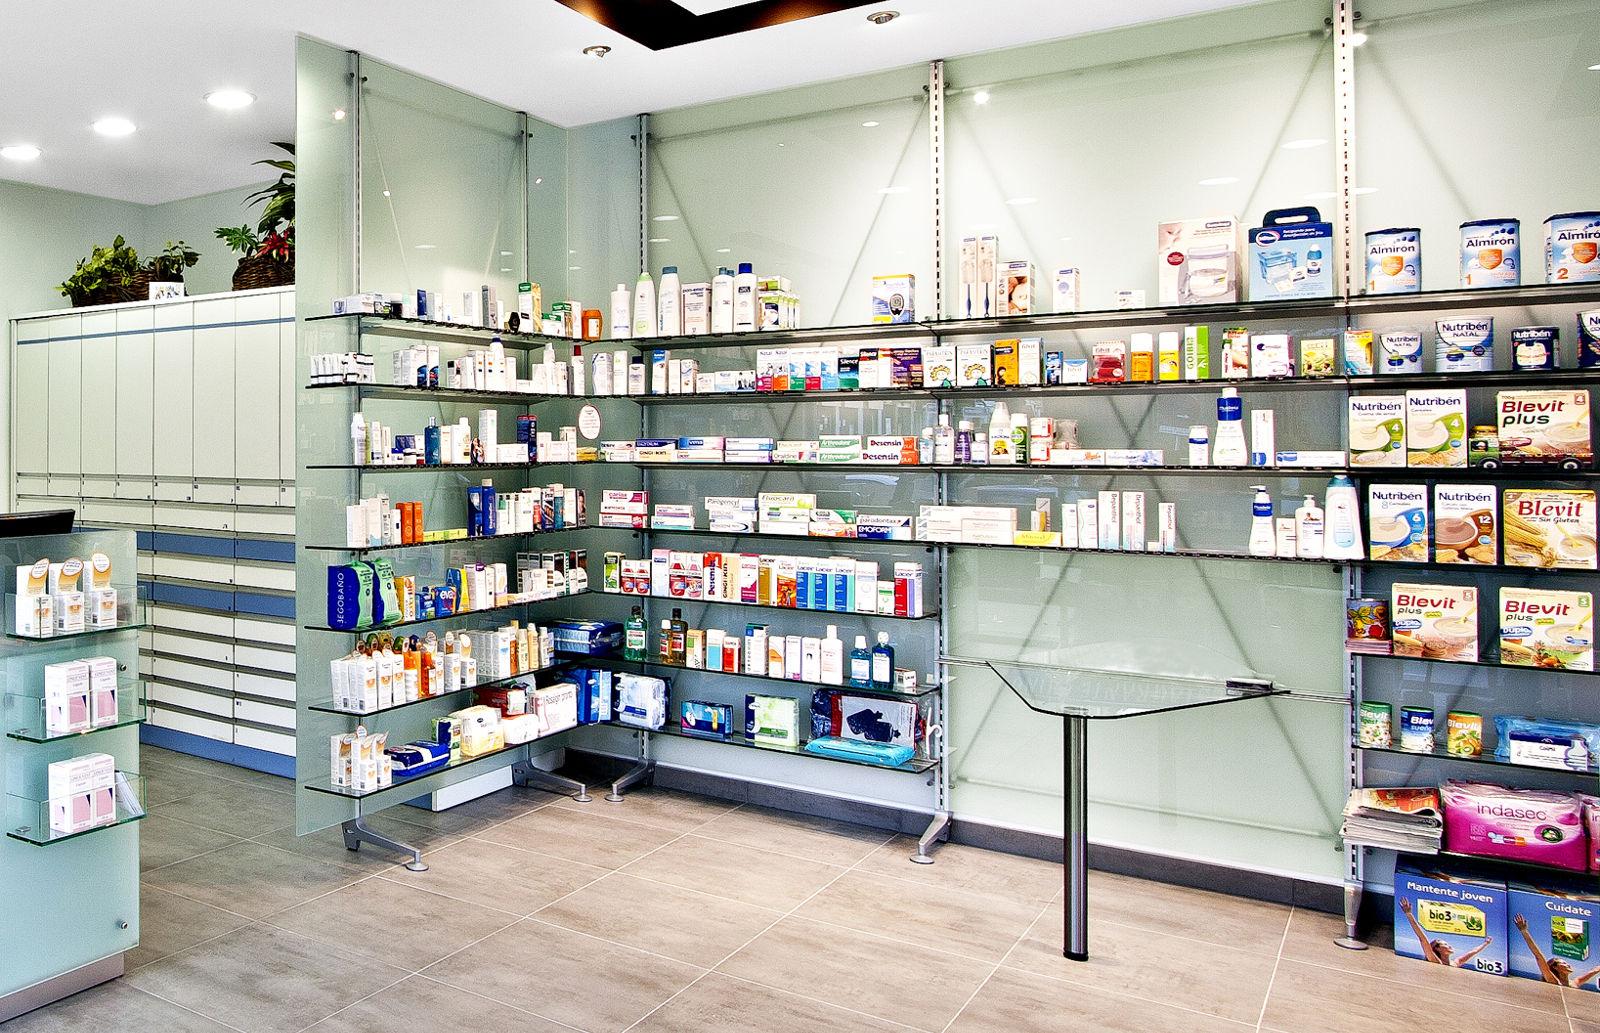 Linea di arredamento farmacie xf di th kohl th kohl for Kohl arredamenti farmacie